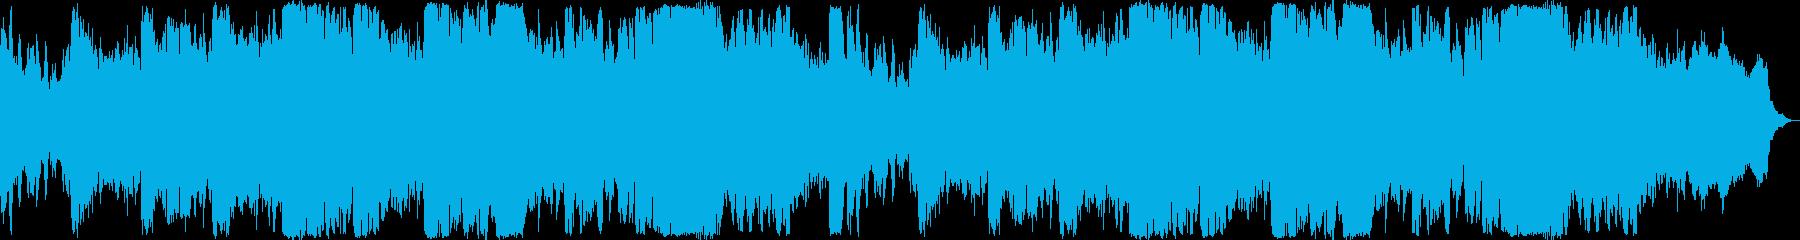 お化け屋敷のような怖い音楽の再生済みの波形